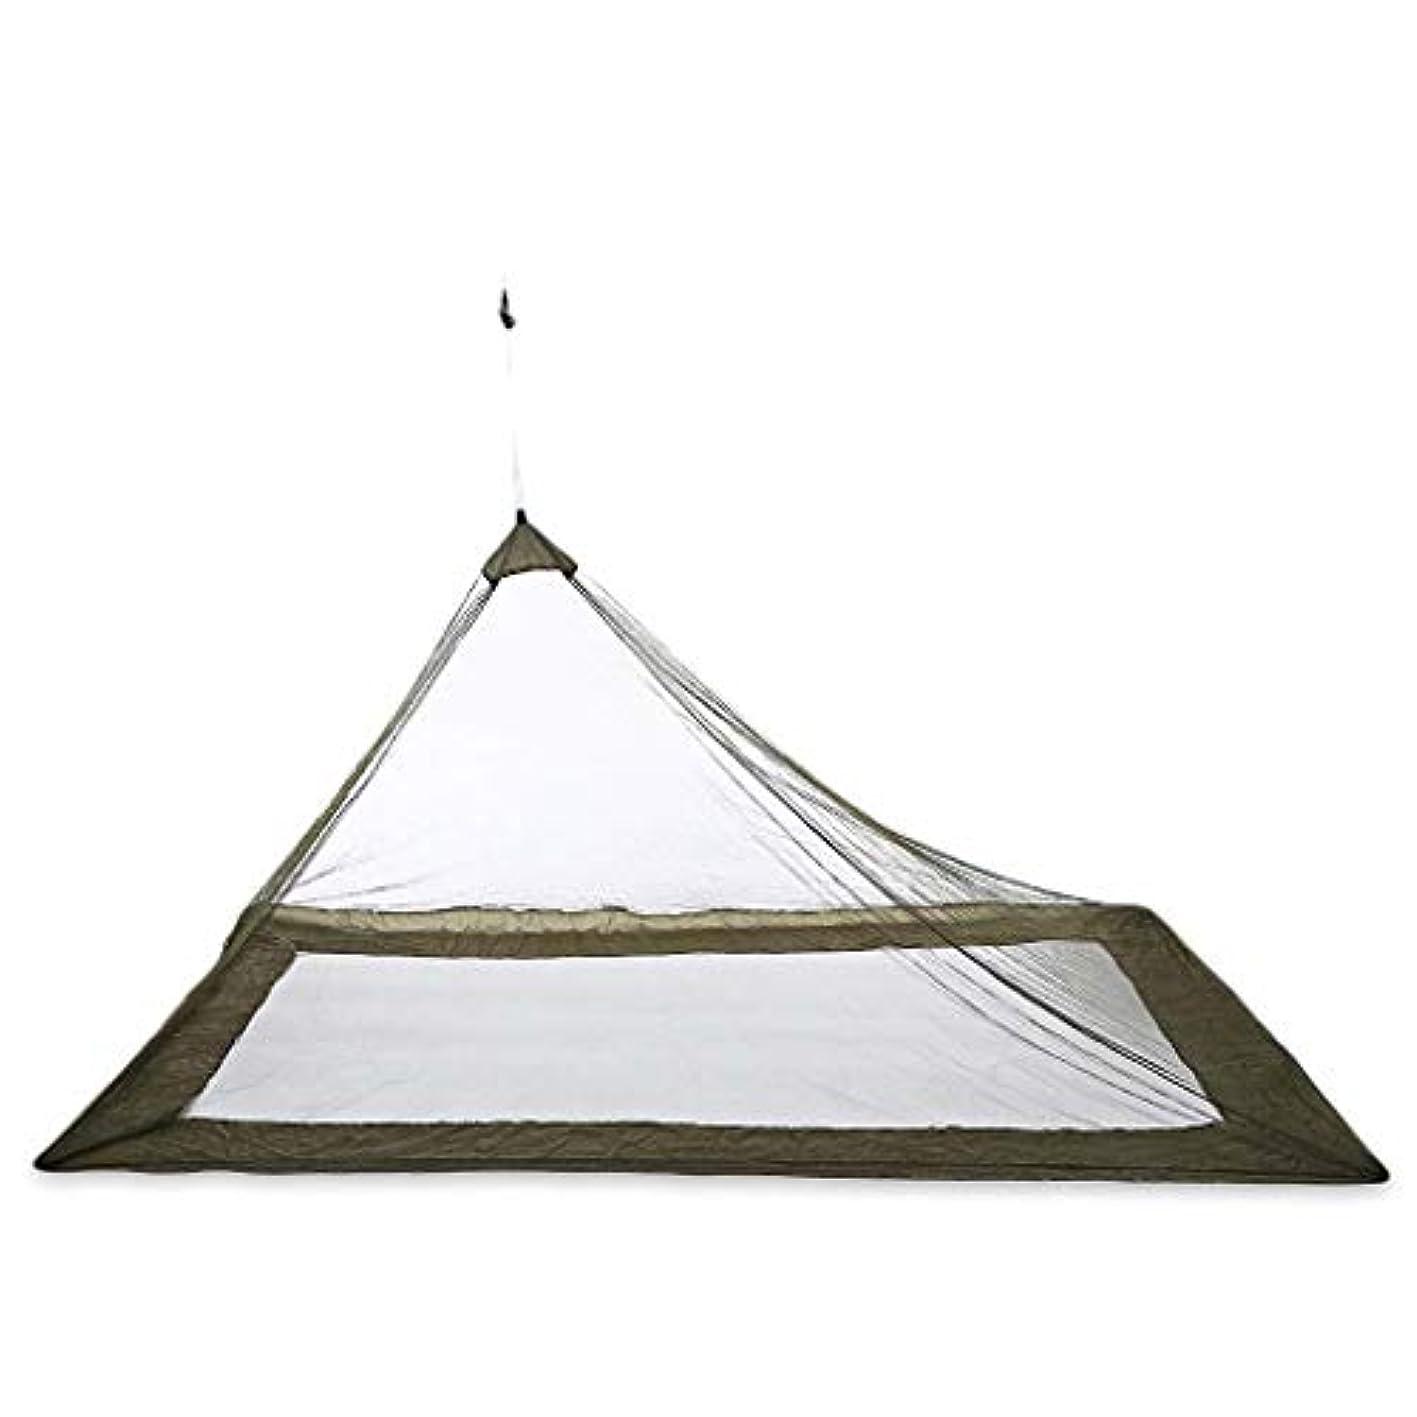 勤勉な夏多様体テント 超軽量キャンプテント屋外の蚊帳旅行コンパクトテント通気性メッシュキャンプベッド1人シングル夏のテント